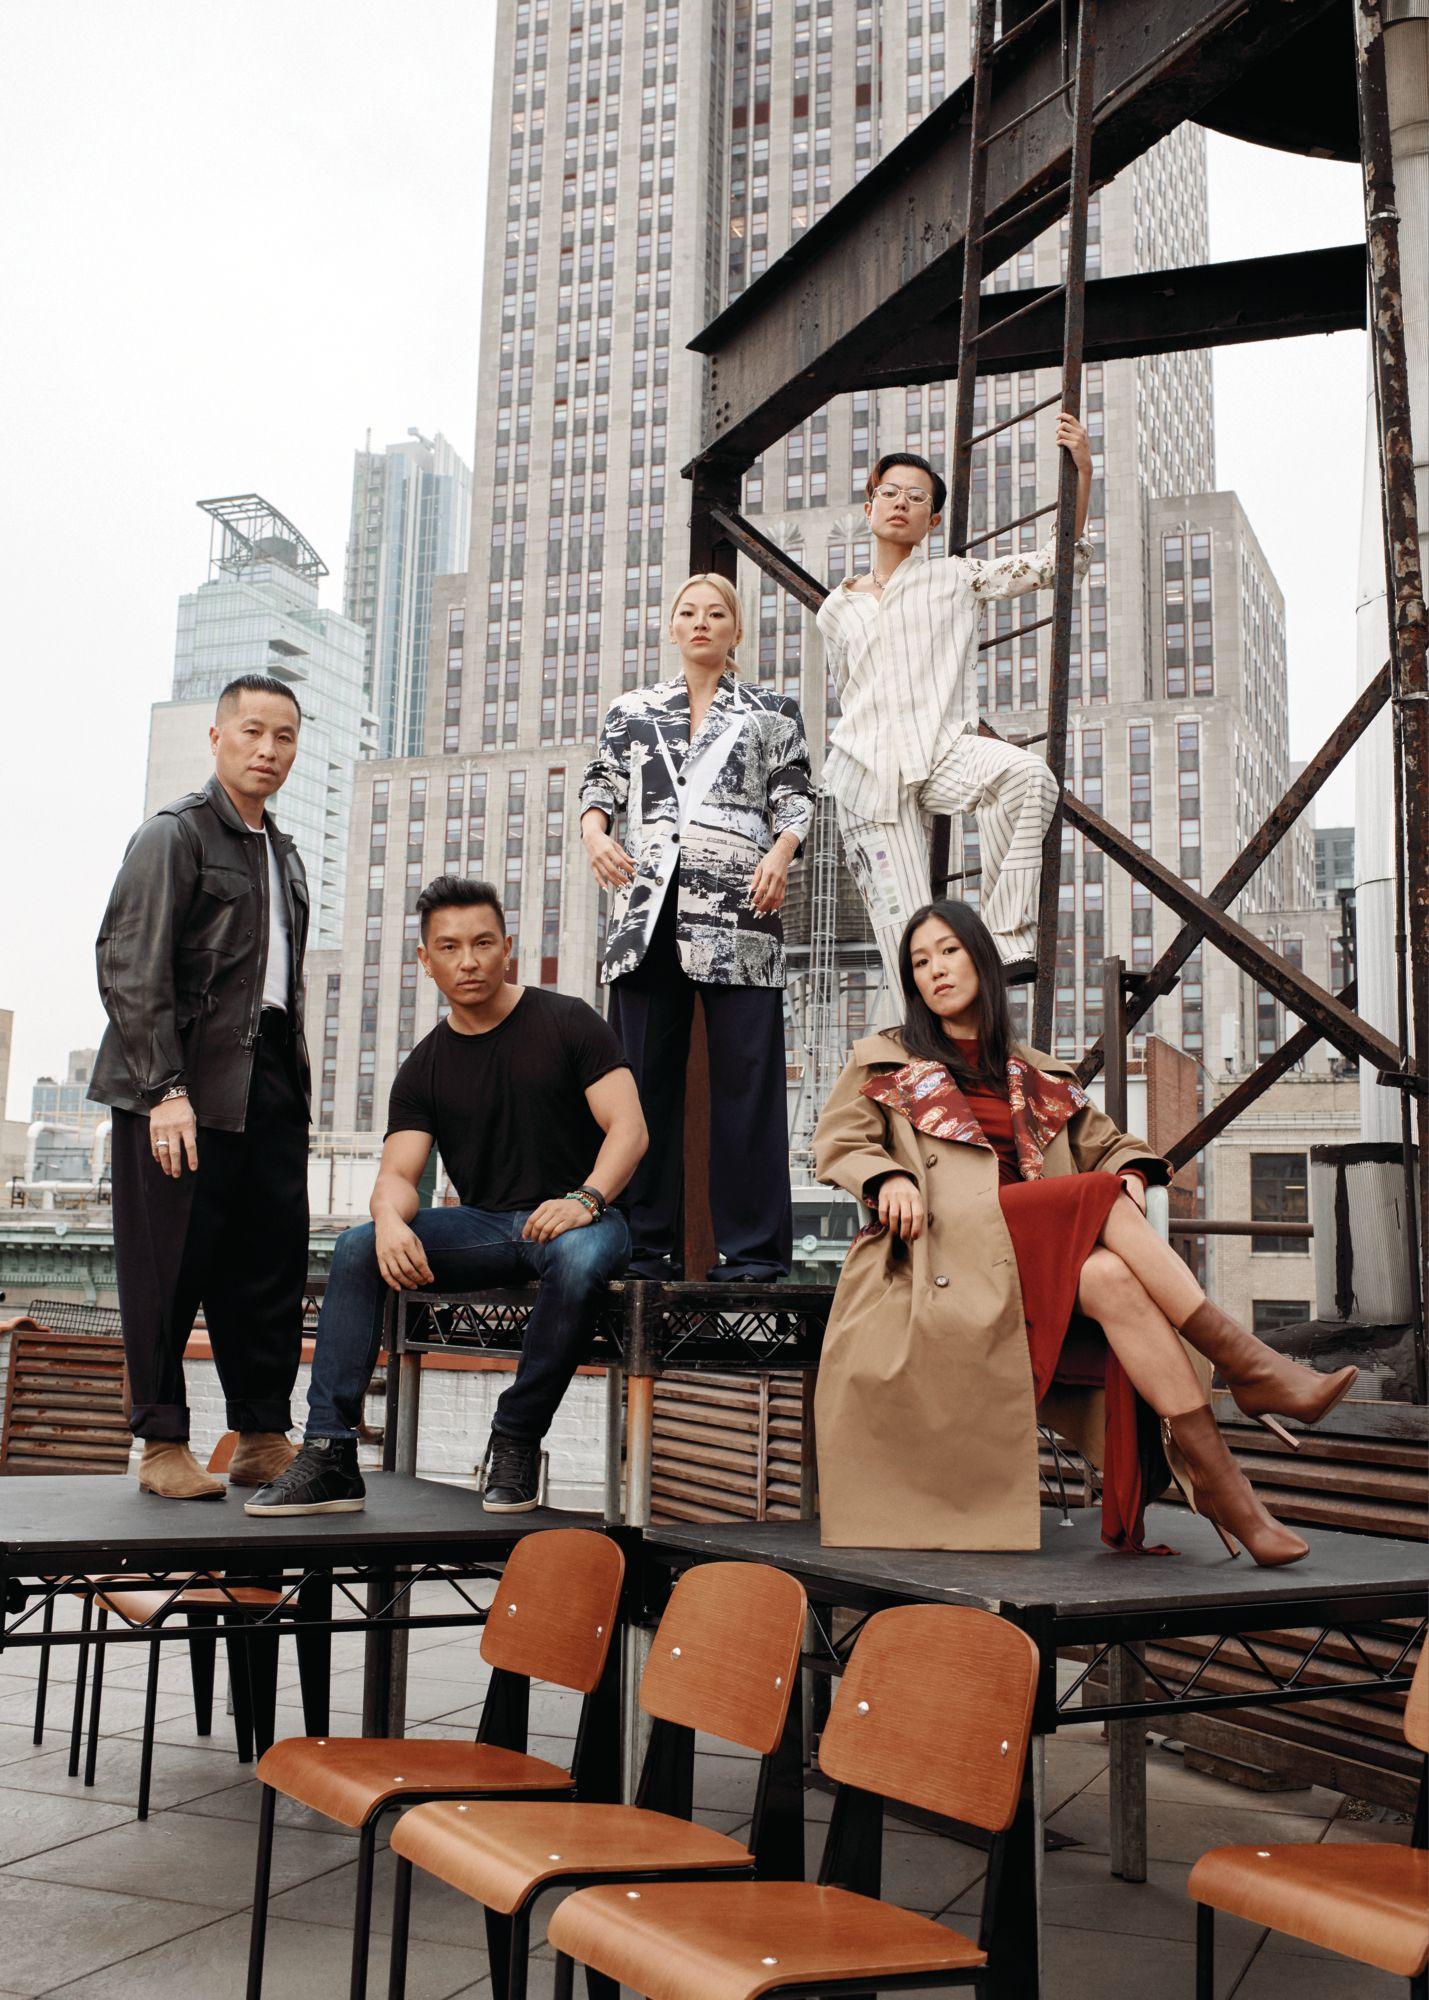 時尚圈新人類 - 亞酷族 The Slaysians在紐約談論飲食與人生